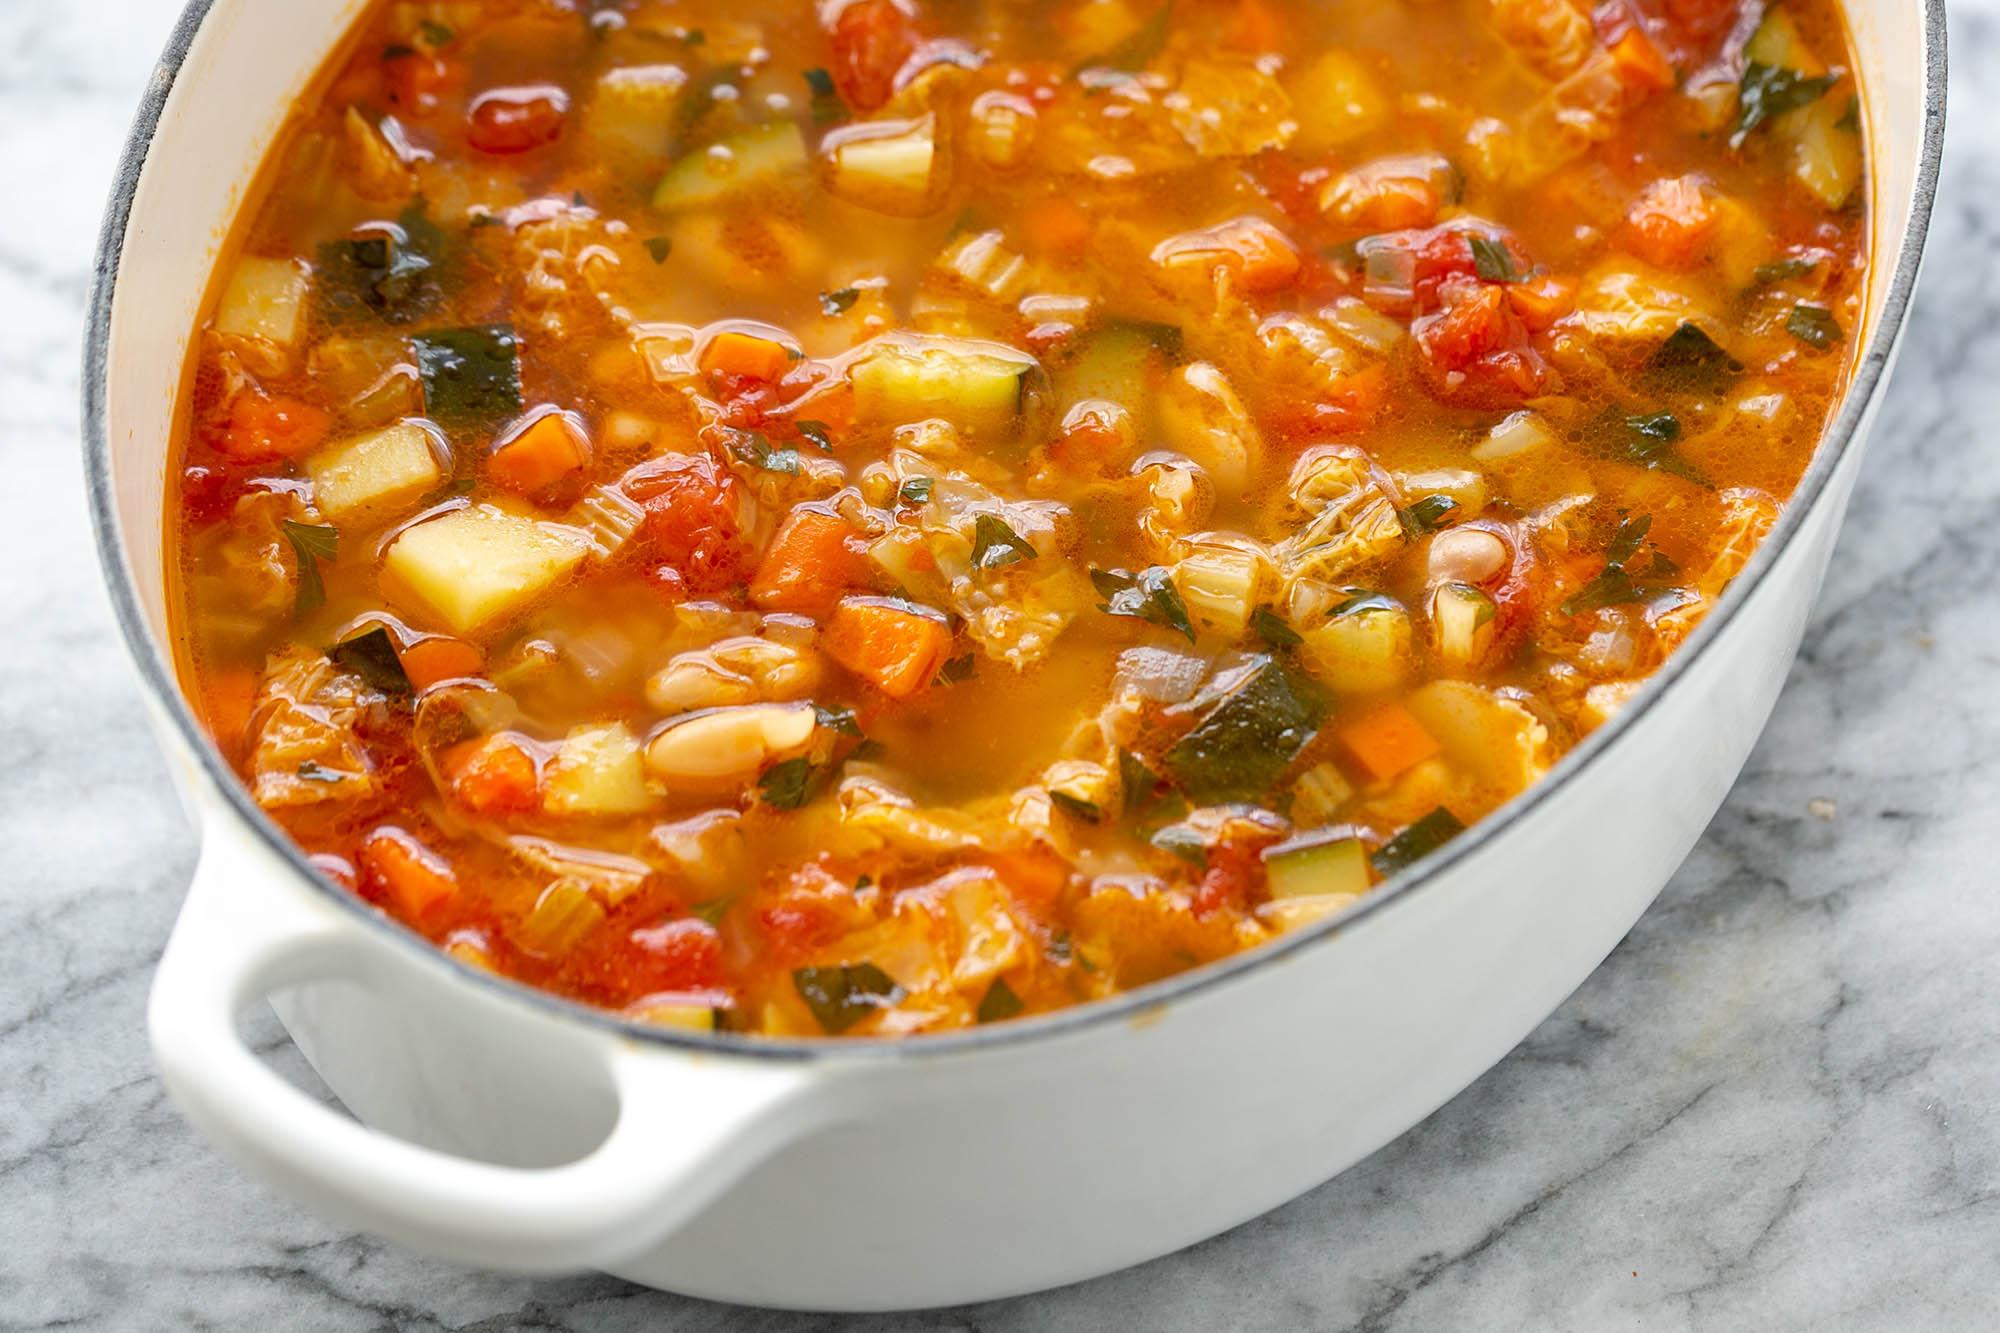 Лучший рецепт супа минестроне, подаваемого в голландской духовке